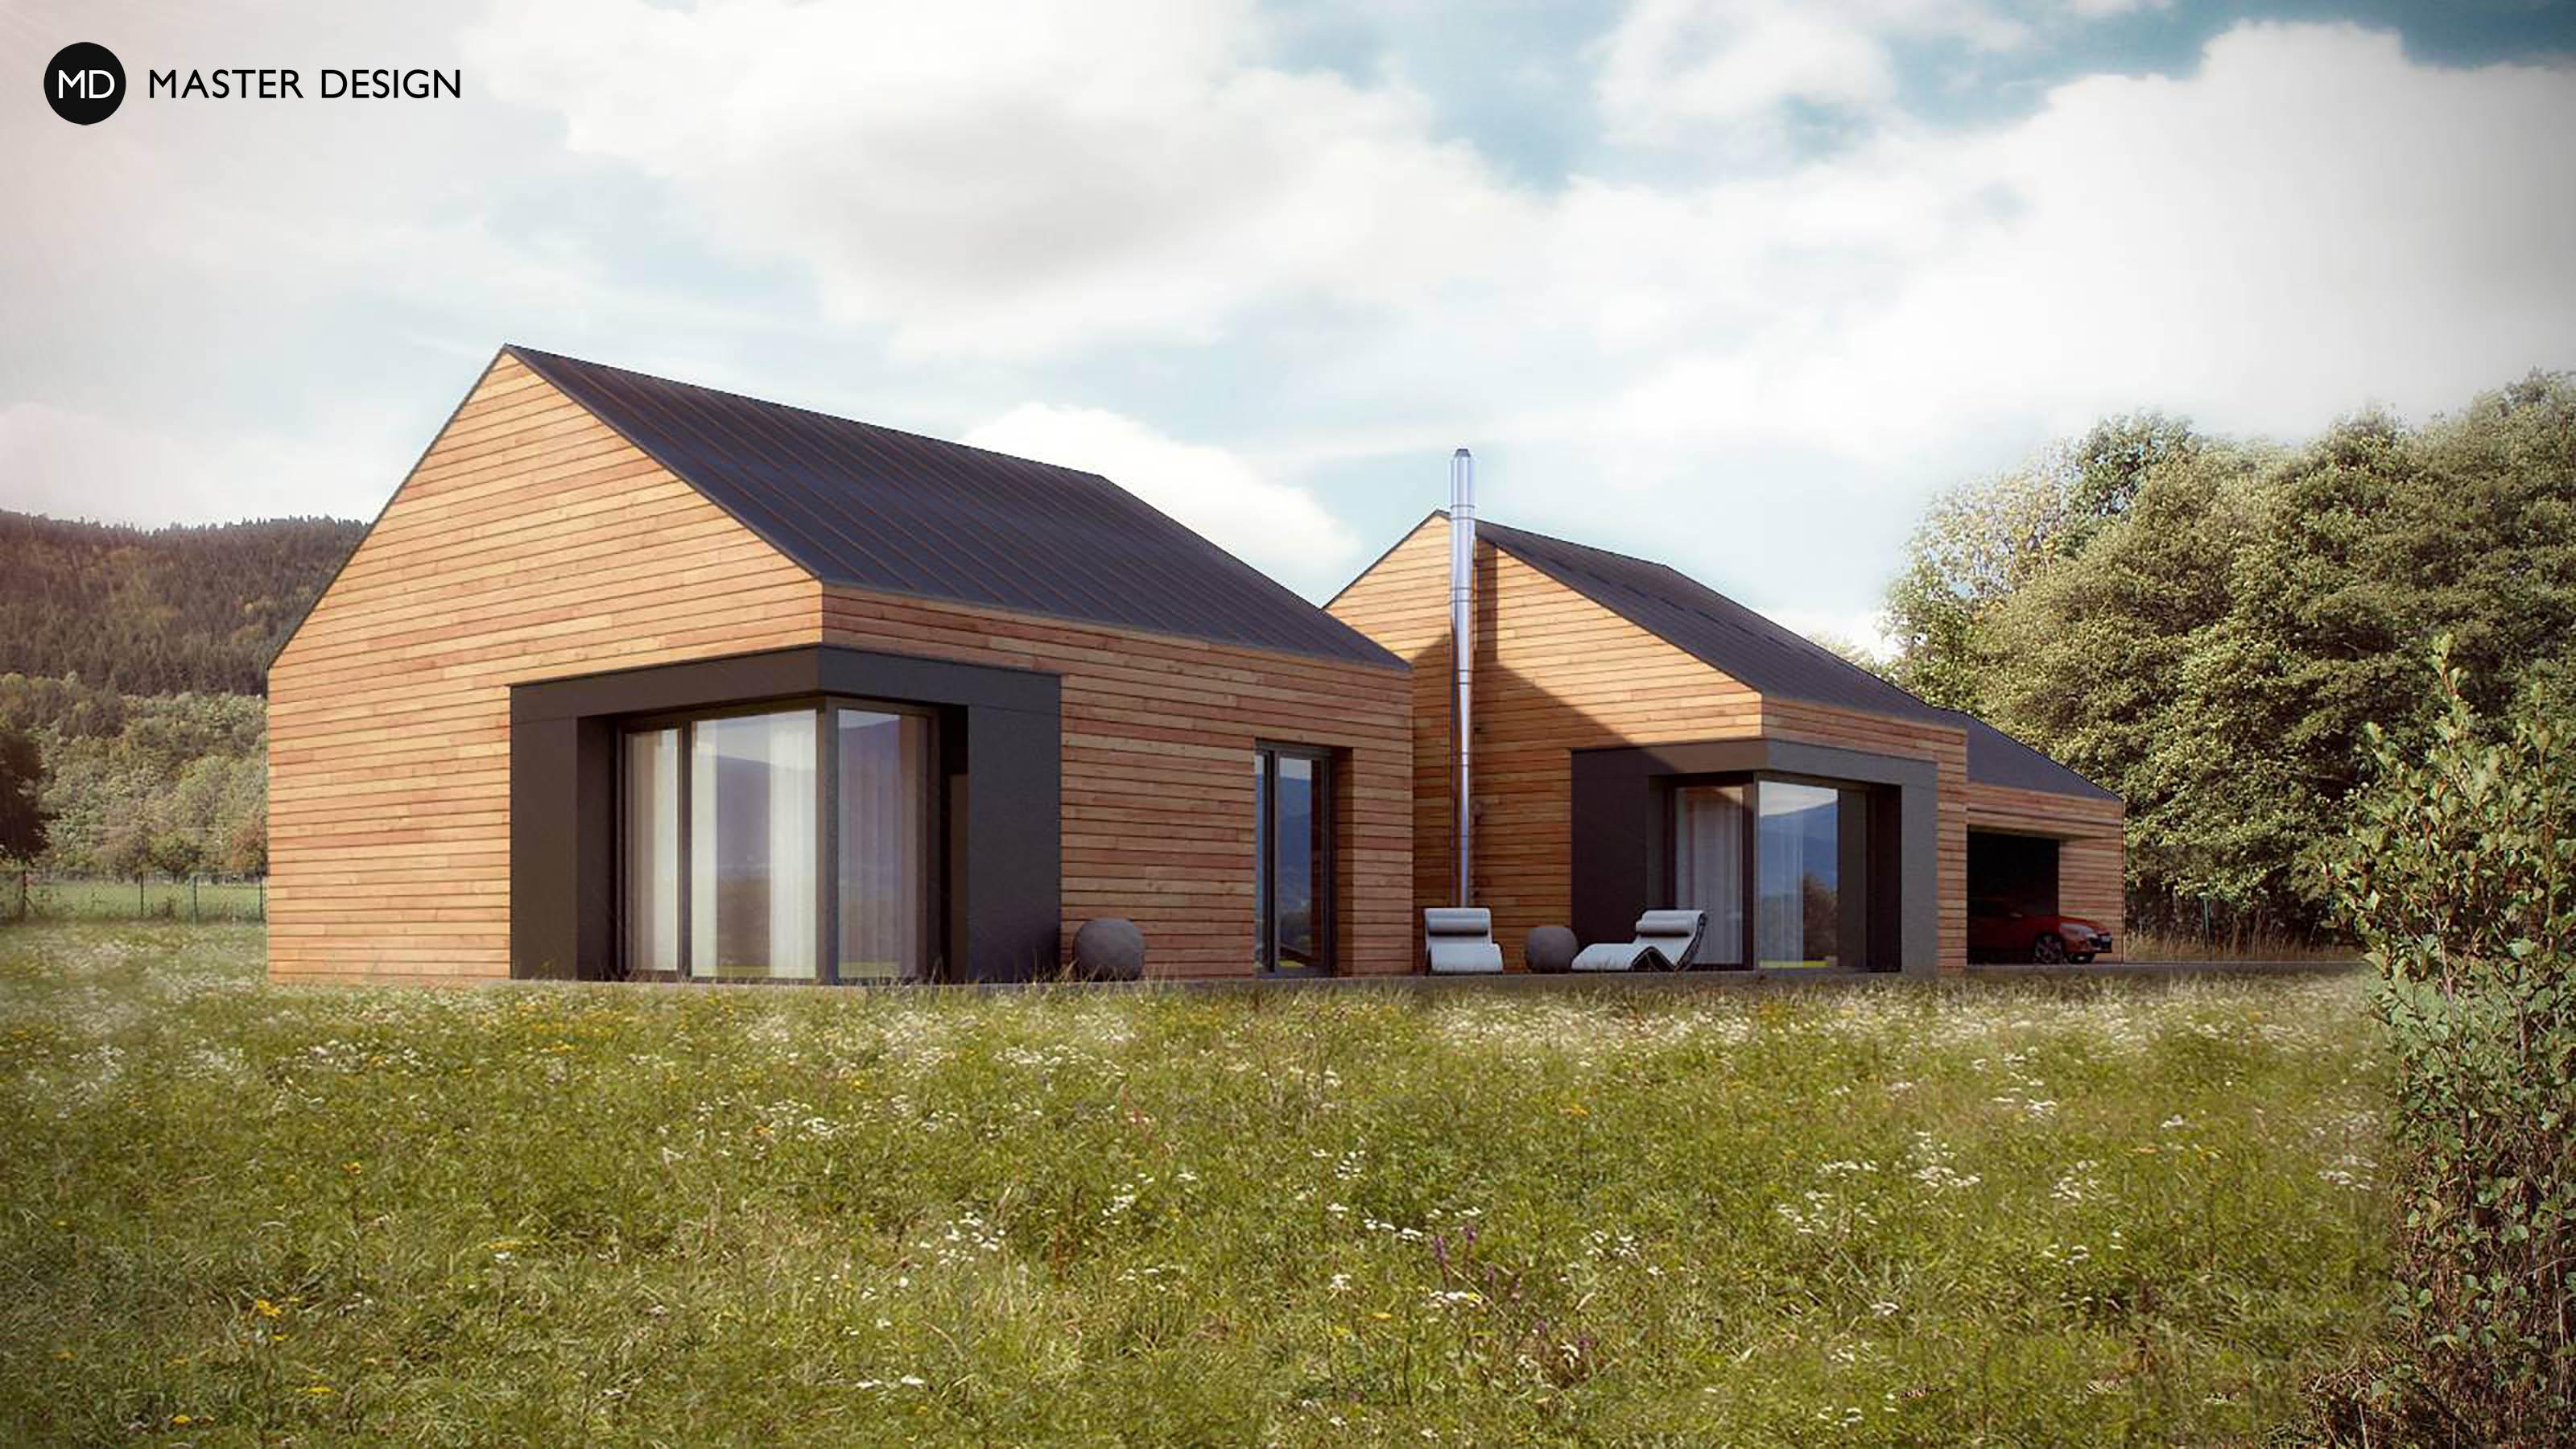 Moderní domy se sedlovou střechou